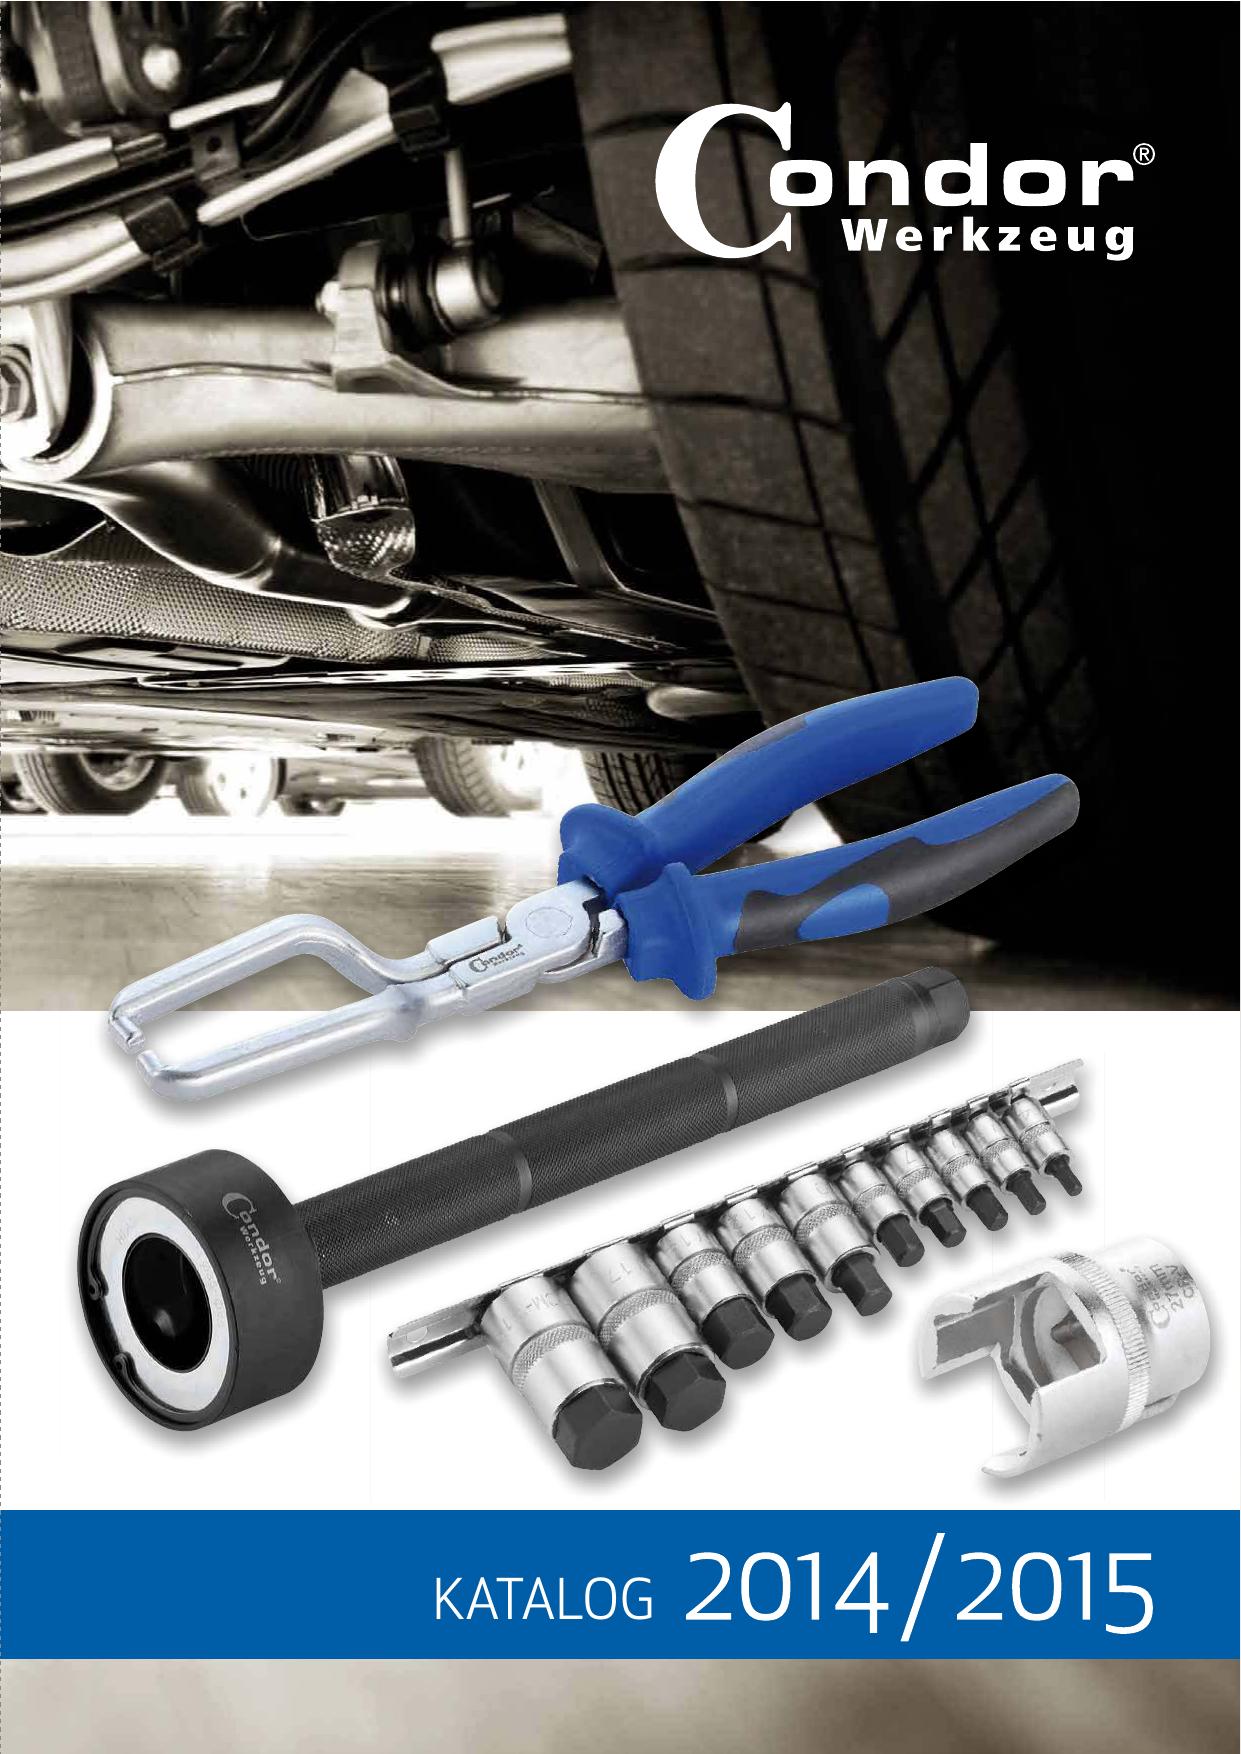 1 Felgendeckel Schlüssel mit 4 Schrauben Set für FORD ESCORT VII 7 M8 x 1,25